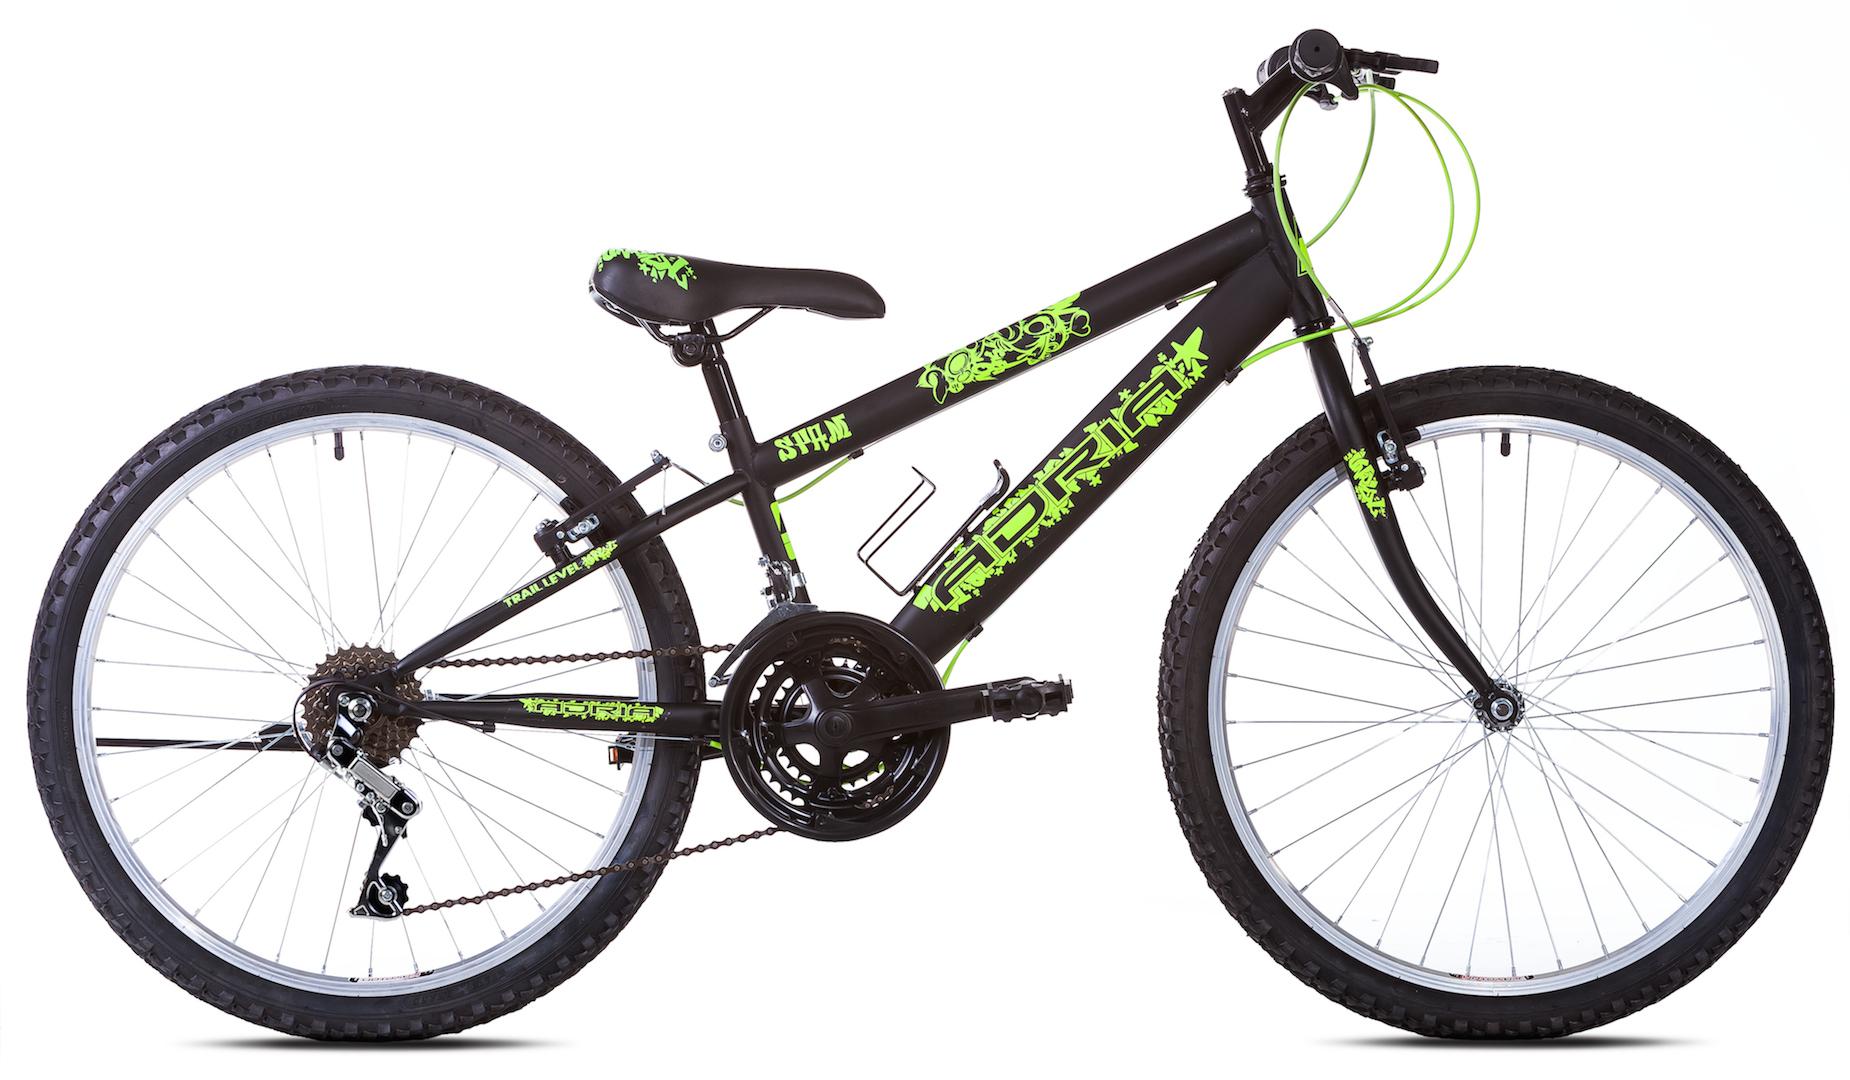 Välkända BMX 24' SPAM Cykel - Köpa billigt i online cykelaffären Velomania BE-62